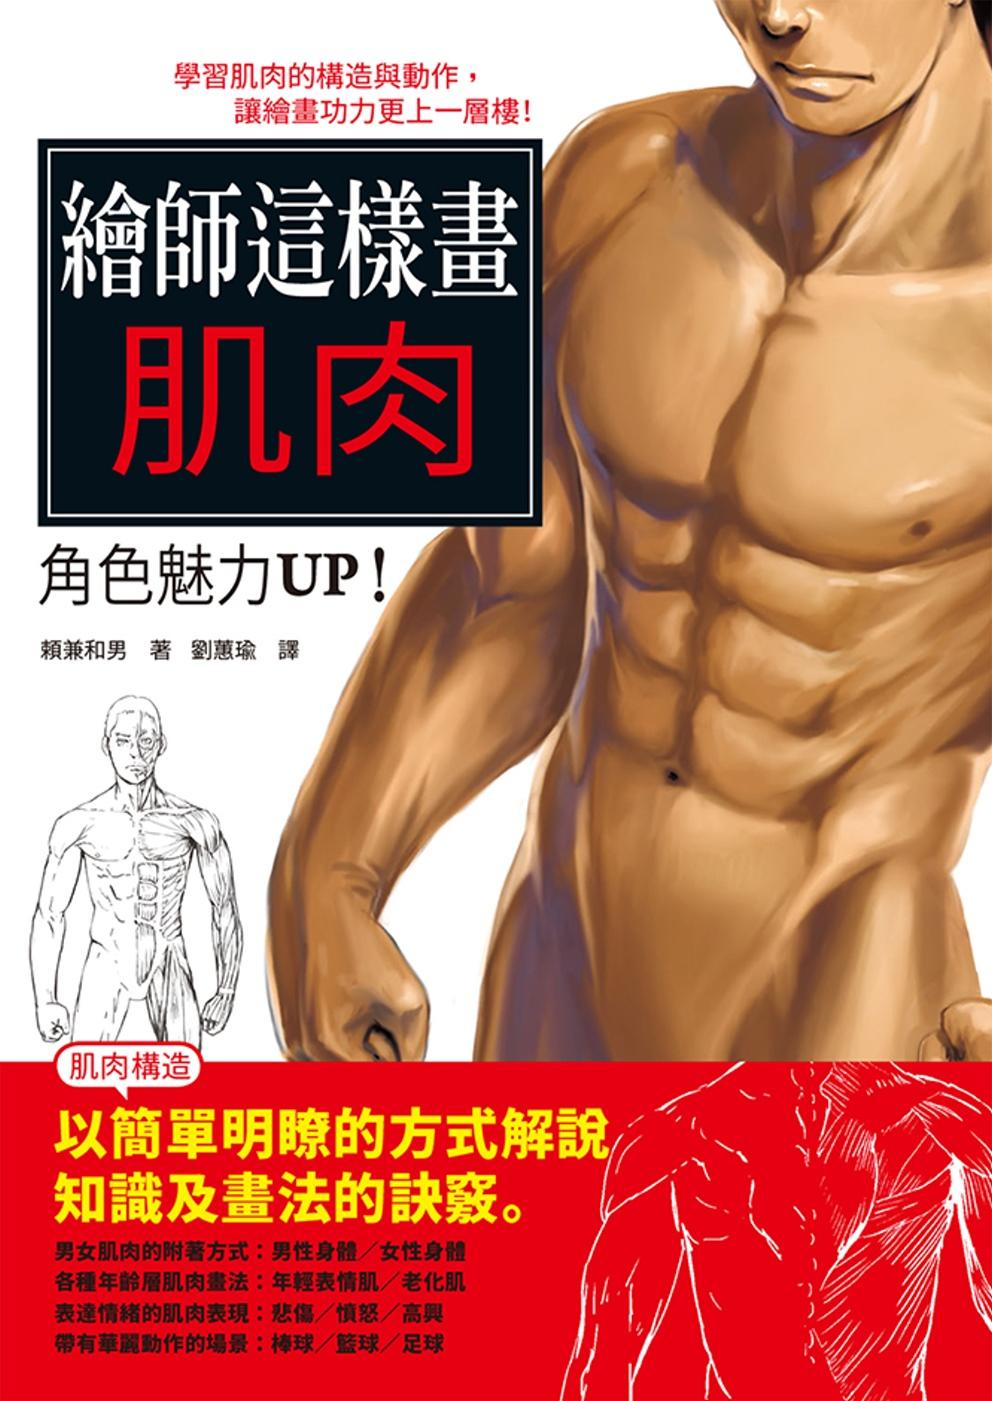 繪師這樣畫肌肉 角色魅力UP!:學習肌肉的構造與動作讓繪畫功力更精進!